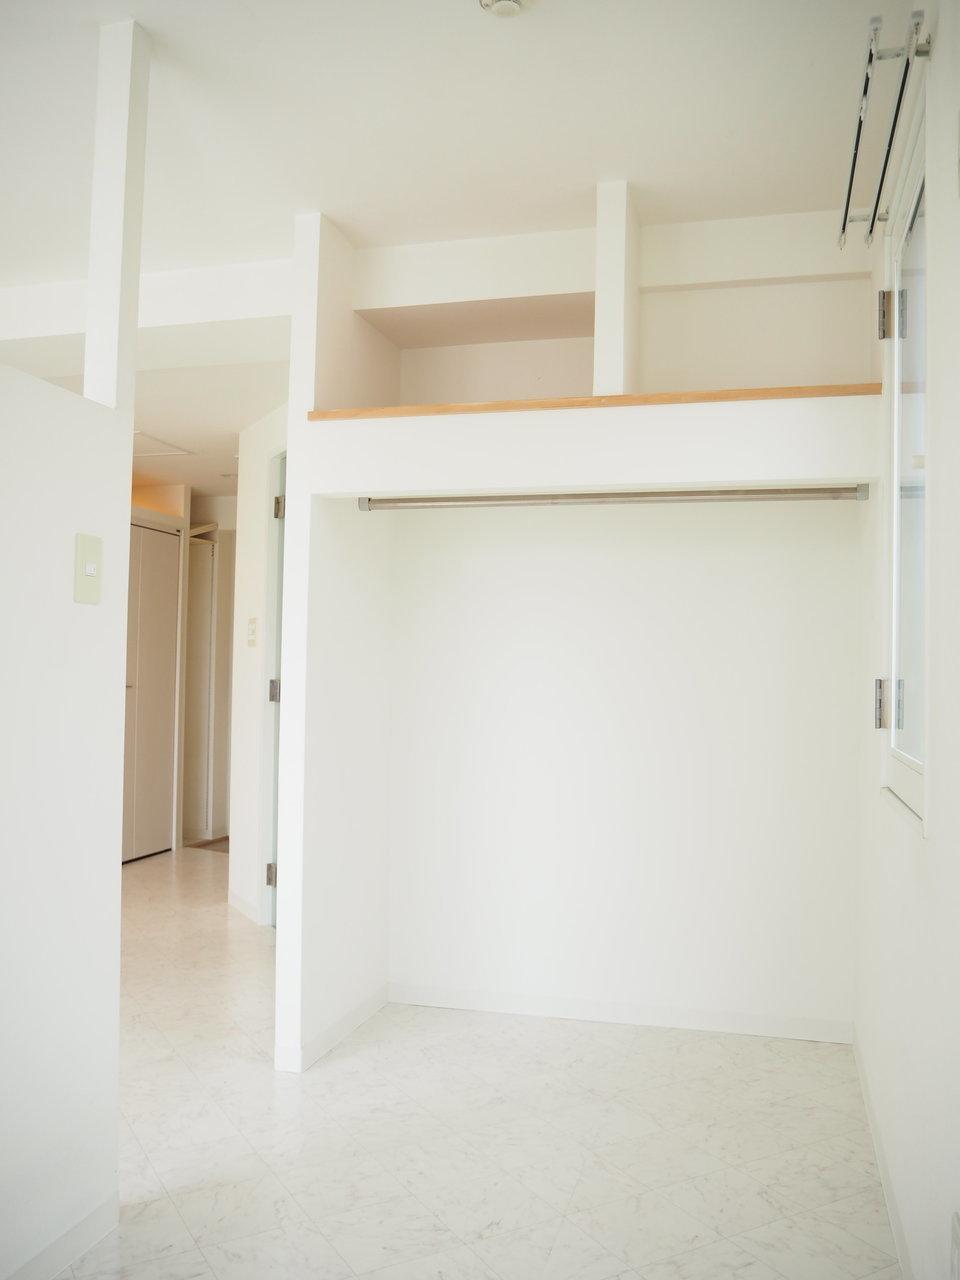 洋室部分には、オープン式の収納スペースもありました。